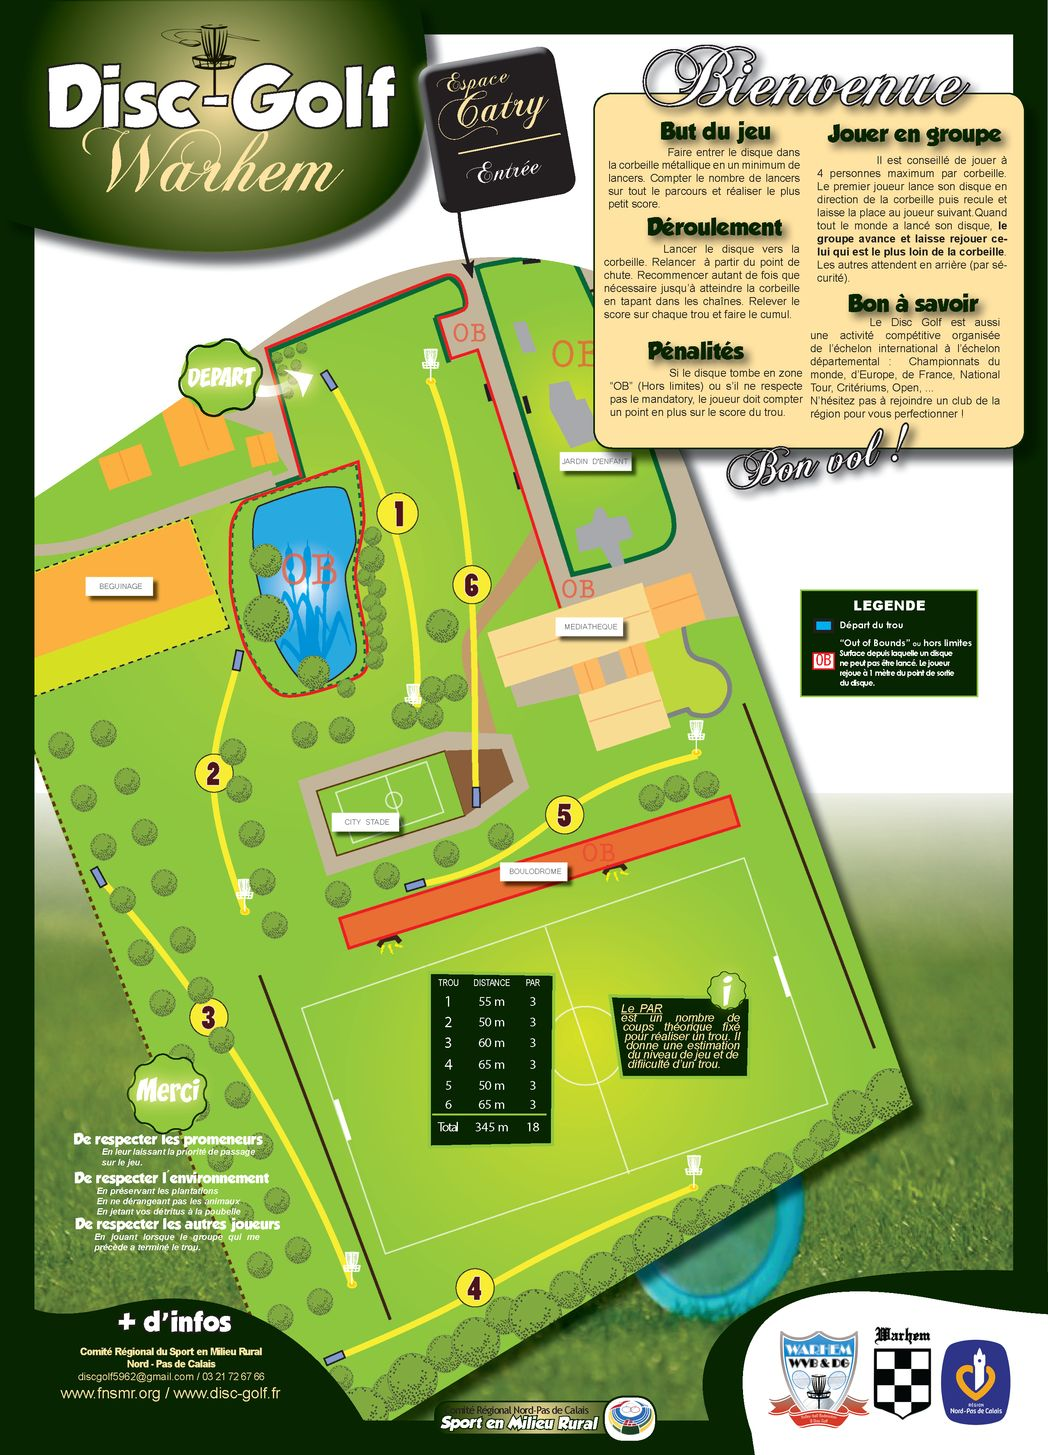 Disc Golf - Parcours Warhem - Plan (mini)